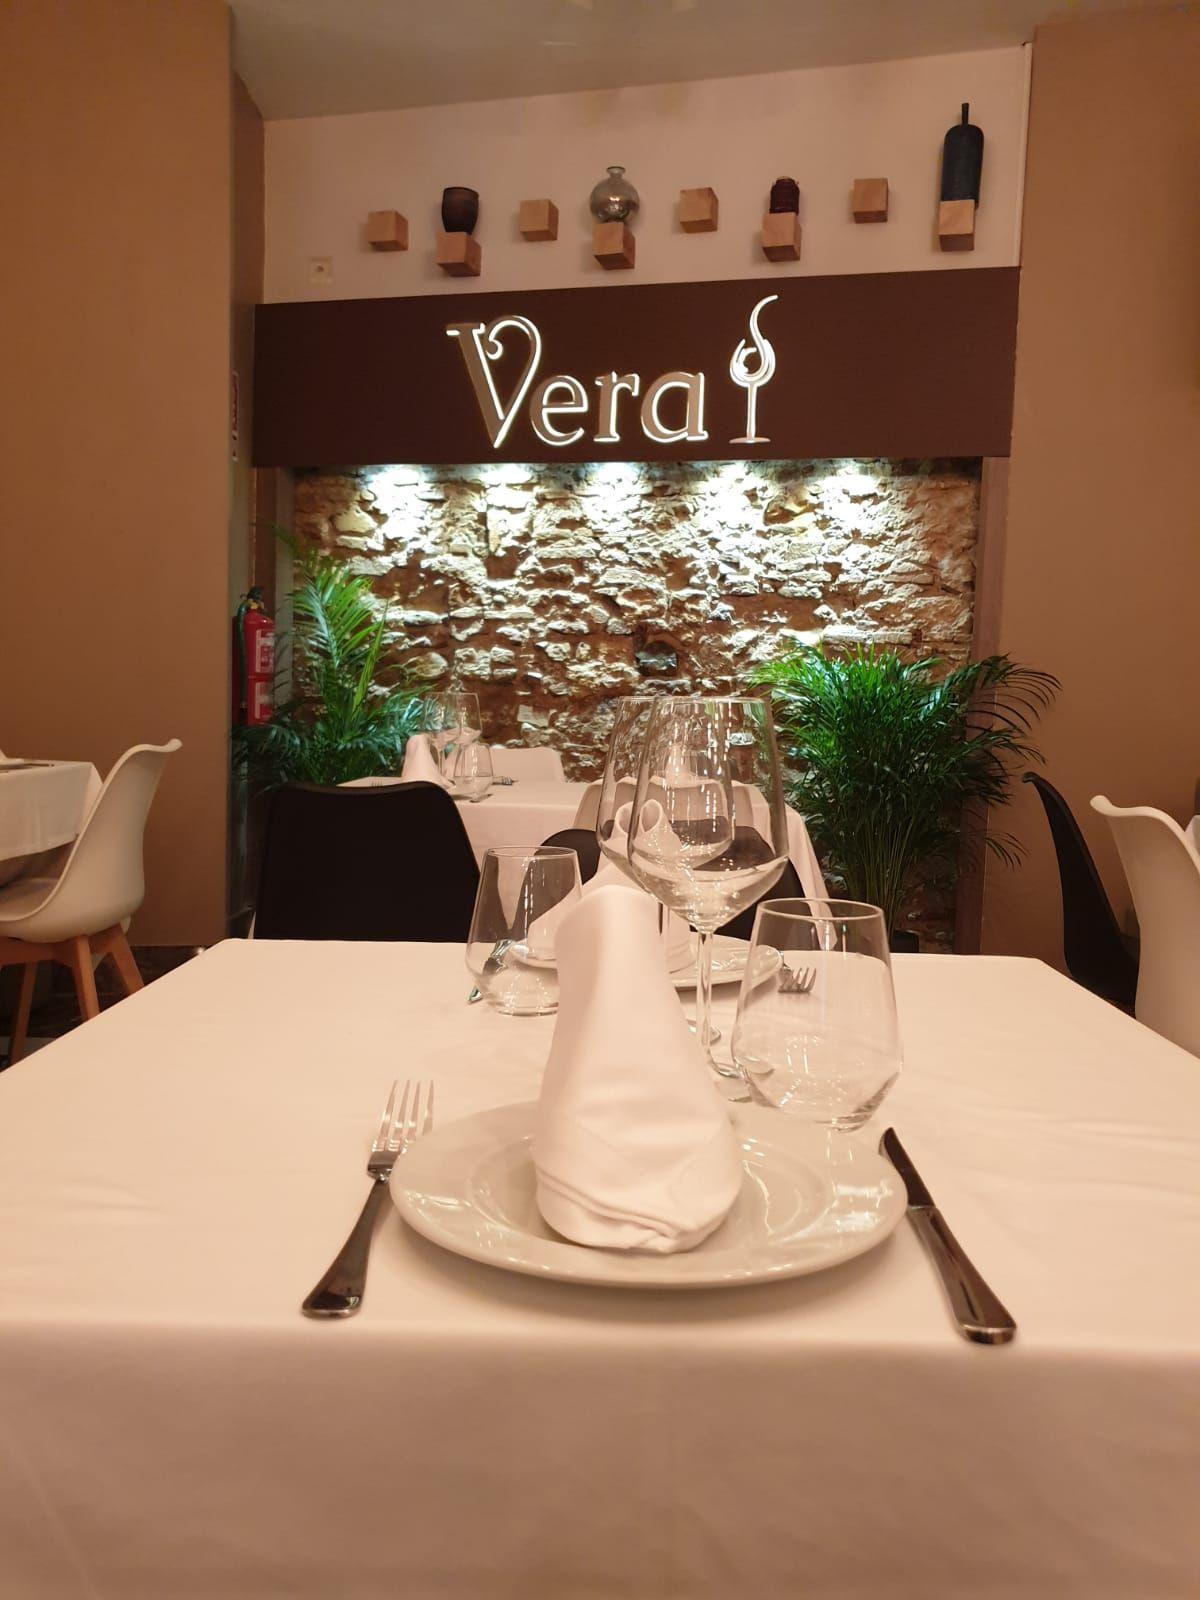 Foto 28 de Restaurante ecuatoriano en Valencia | Vera Restaurante